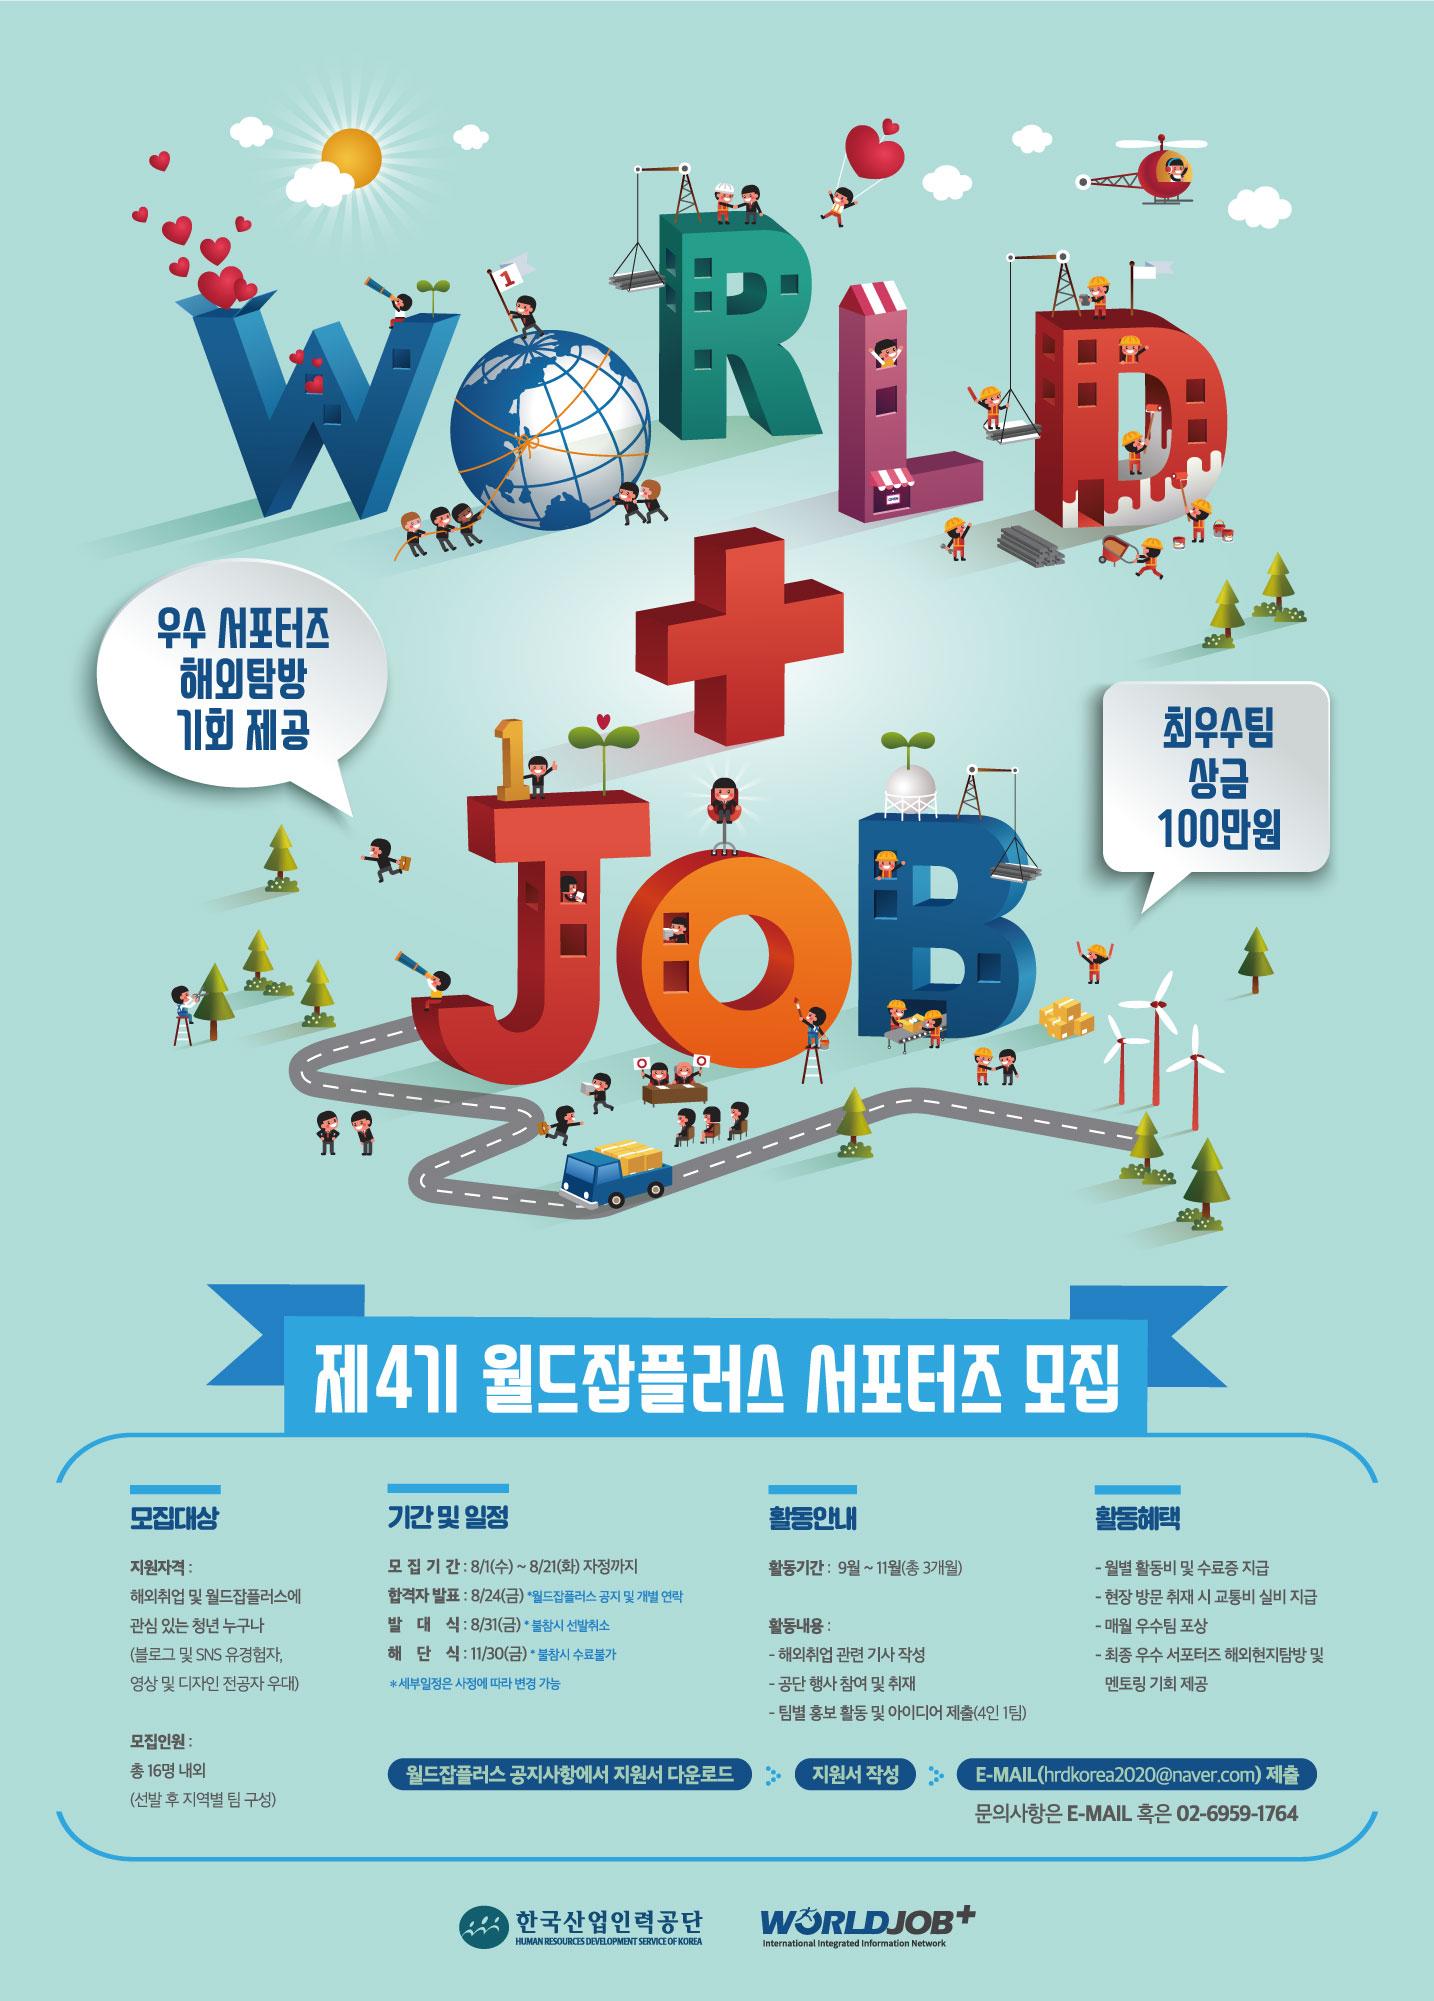 [한국산업인력공단] 월드잡플러스 서포터즈 4기 모집